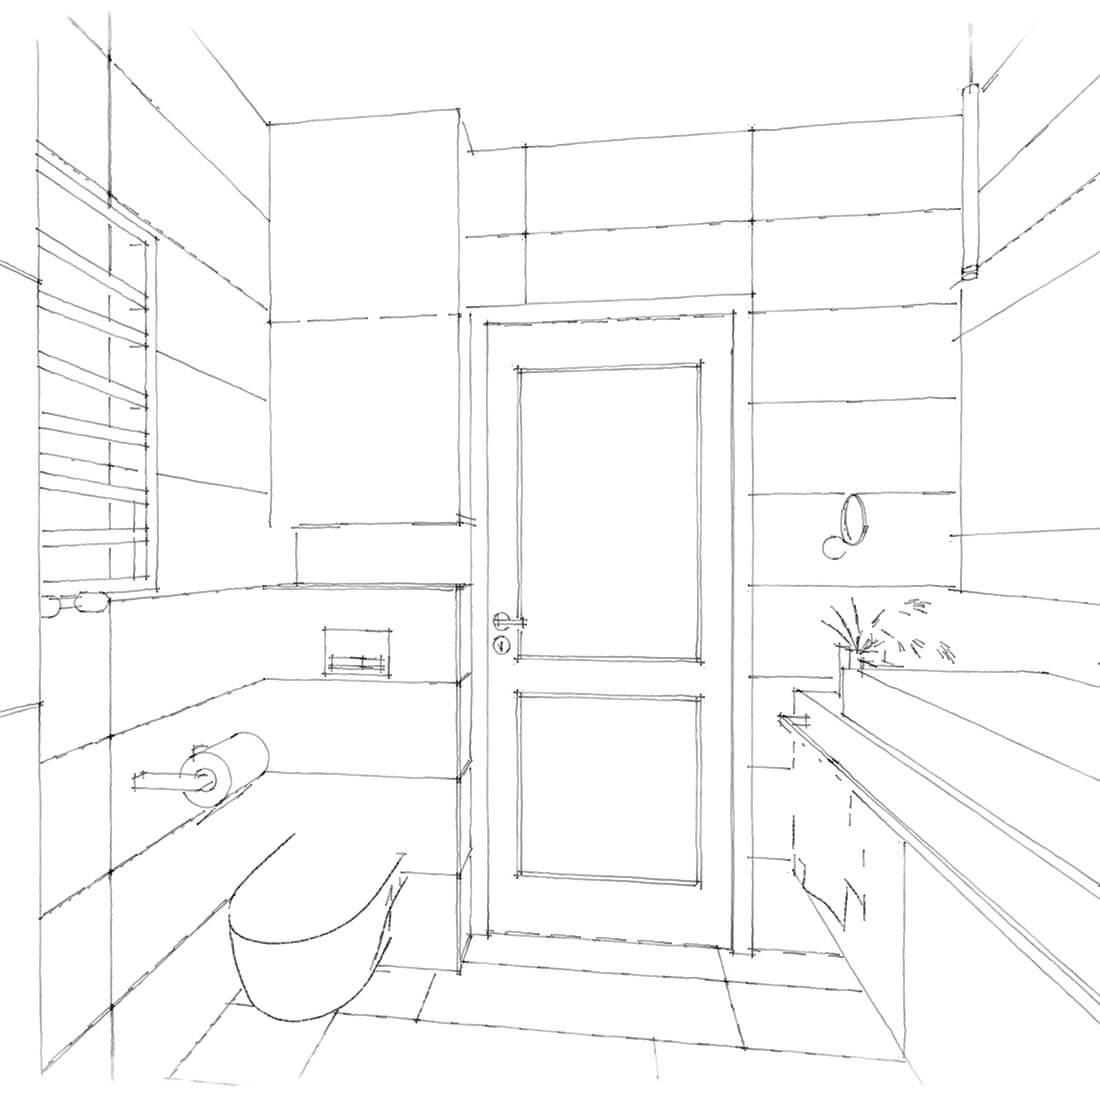 łazienka w mieszkaniu rodzinnym szkic